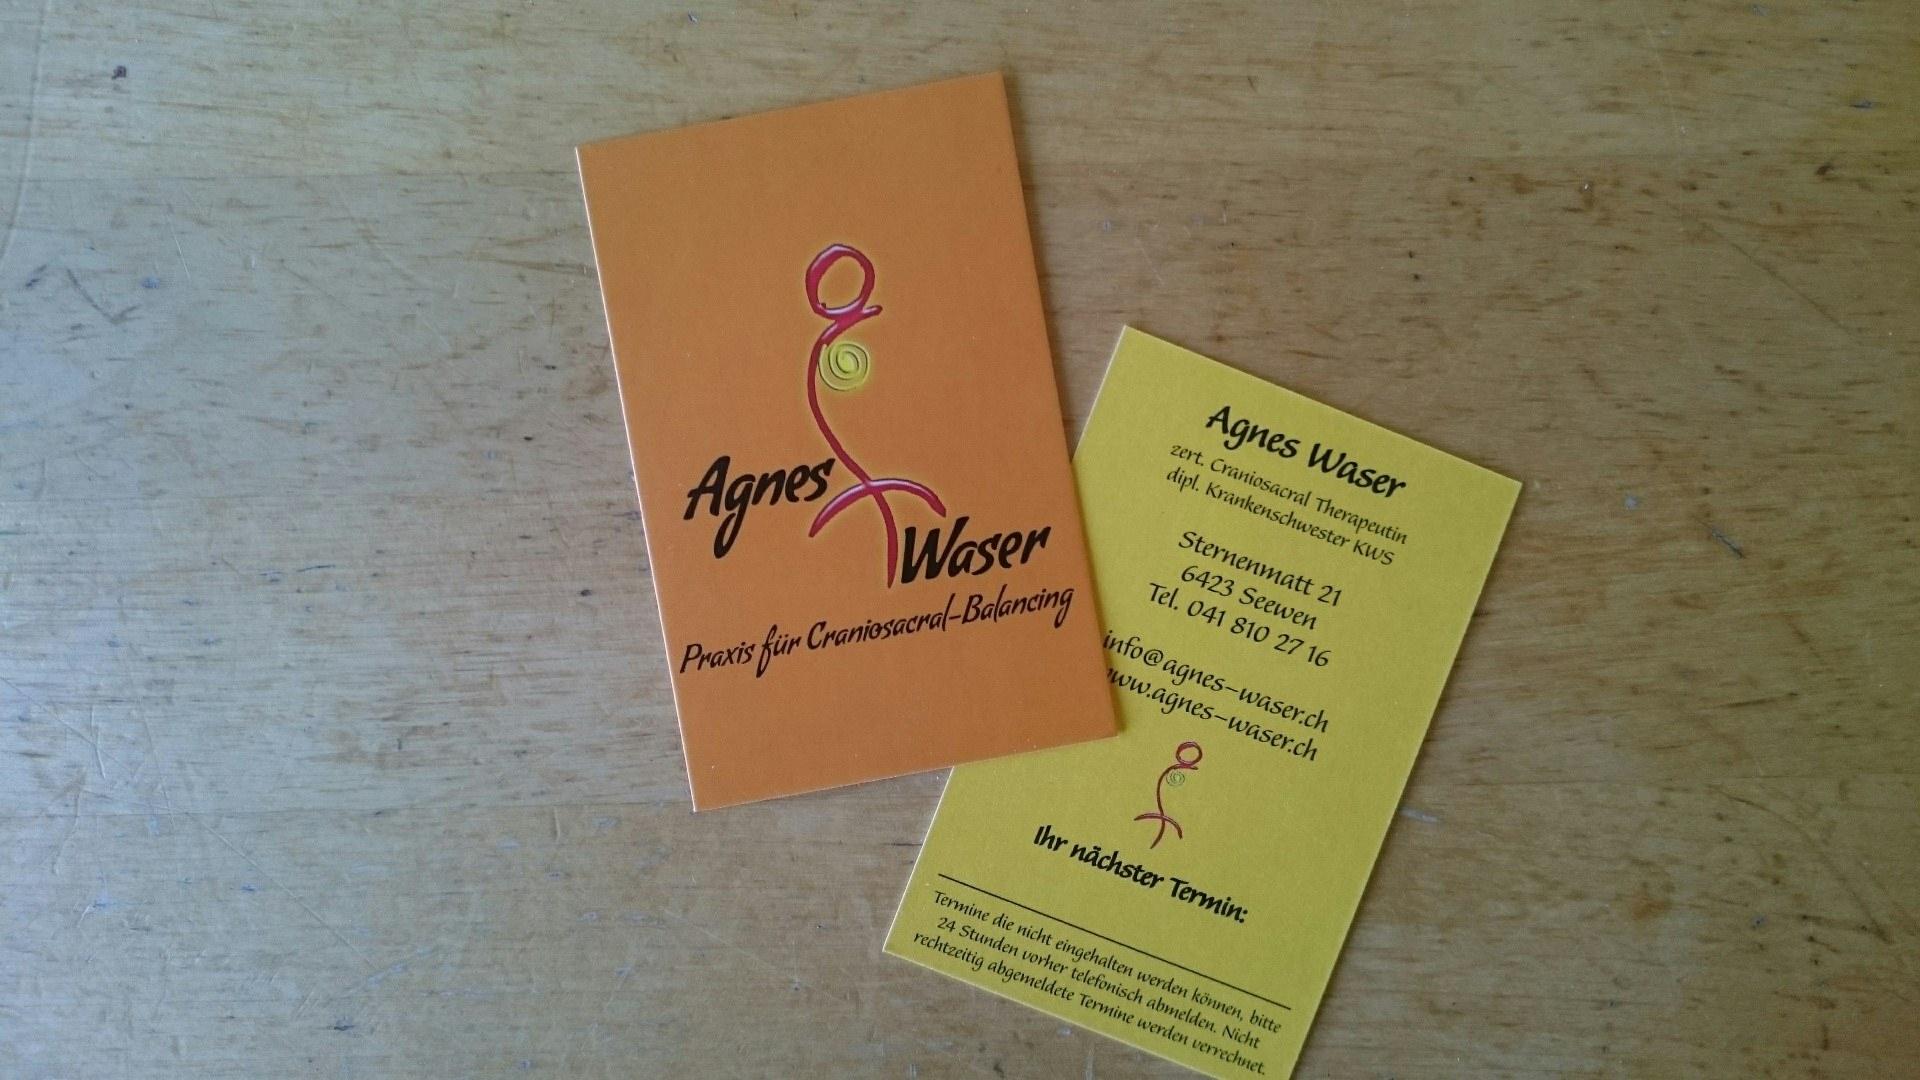 Visitenkarte & Terminkarte in einem für Agnes Waser Craniosacral Balancing